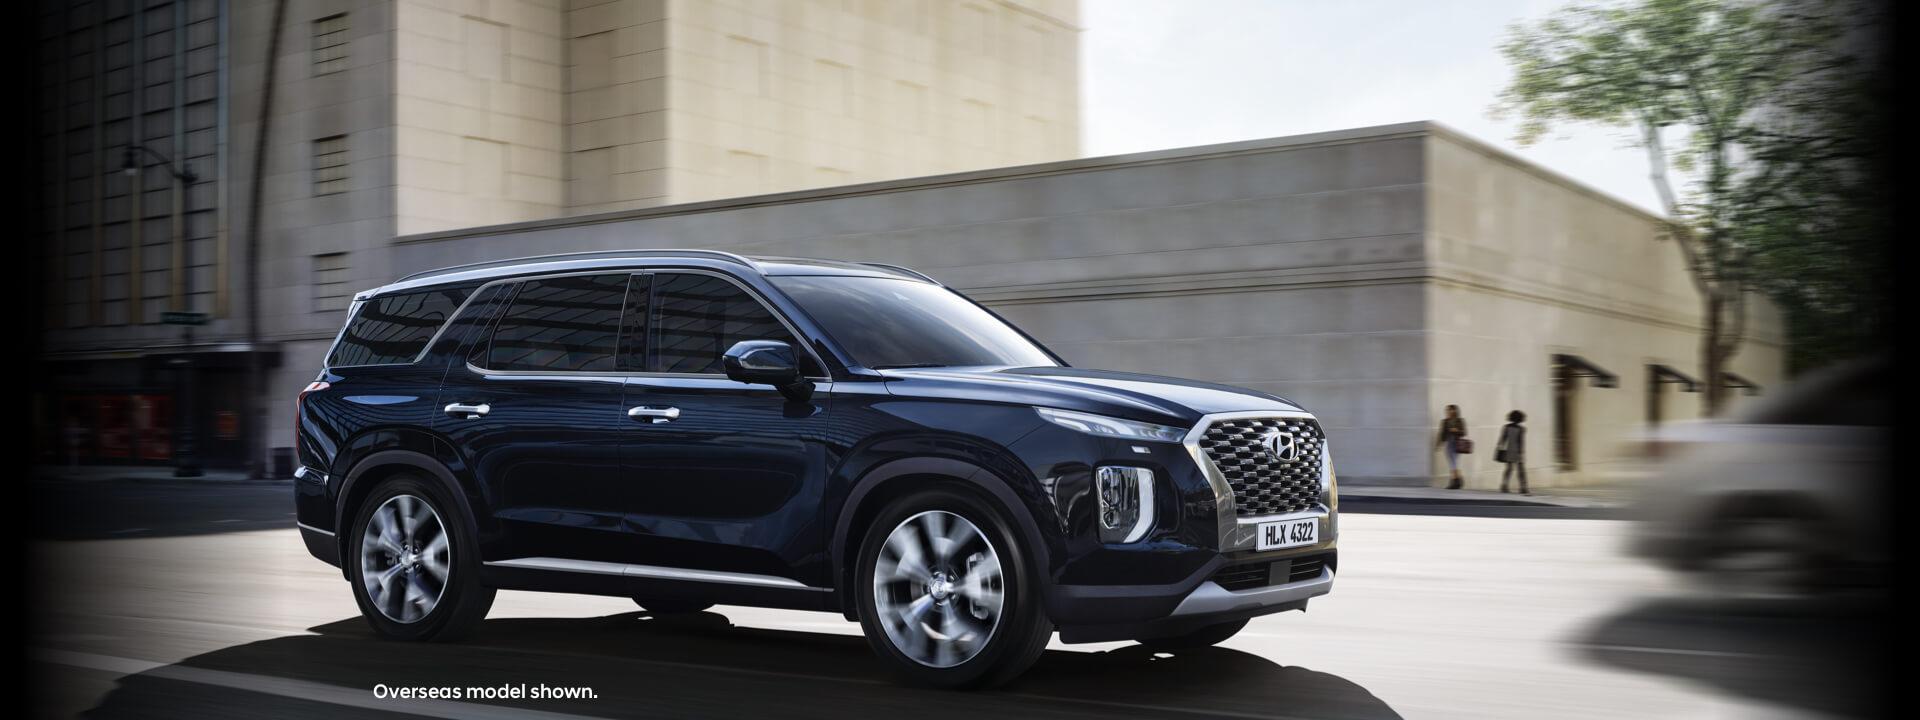 All-new Hyundai Palisade. Image